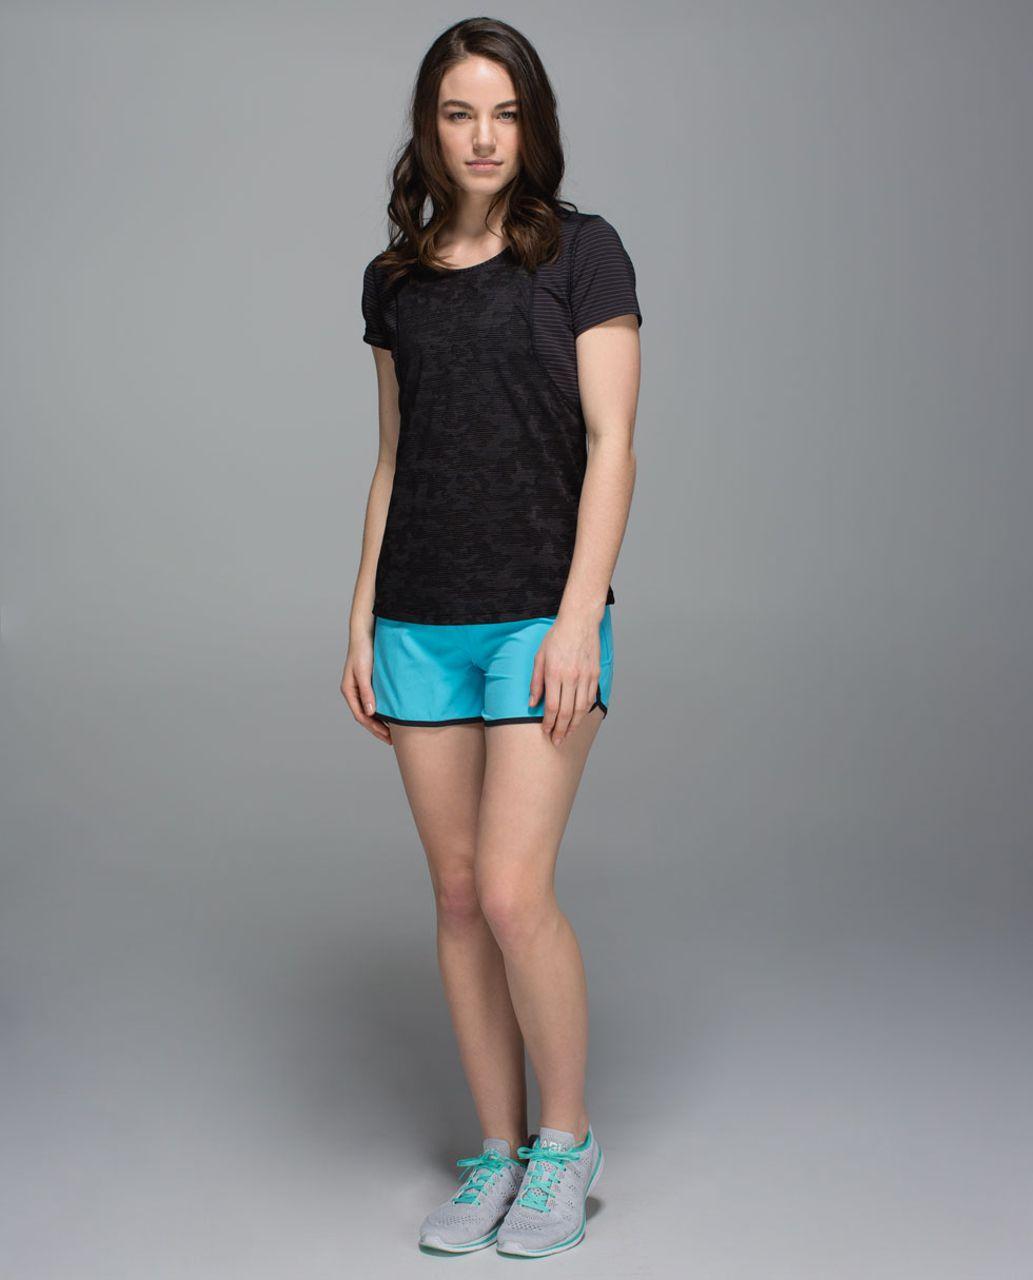 """Lululemon Run Times Short *4-way Stretch 4"""" - Fresco Blue / Mini Brushed Animal Black White / Black"""